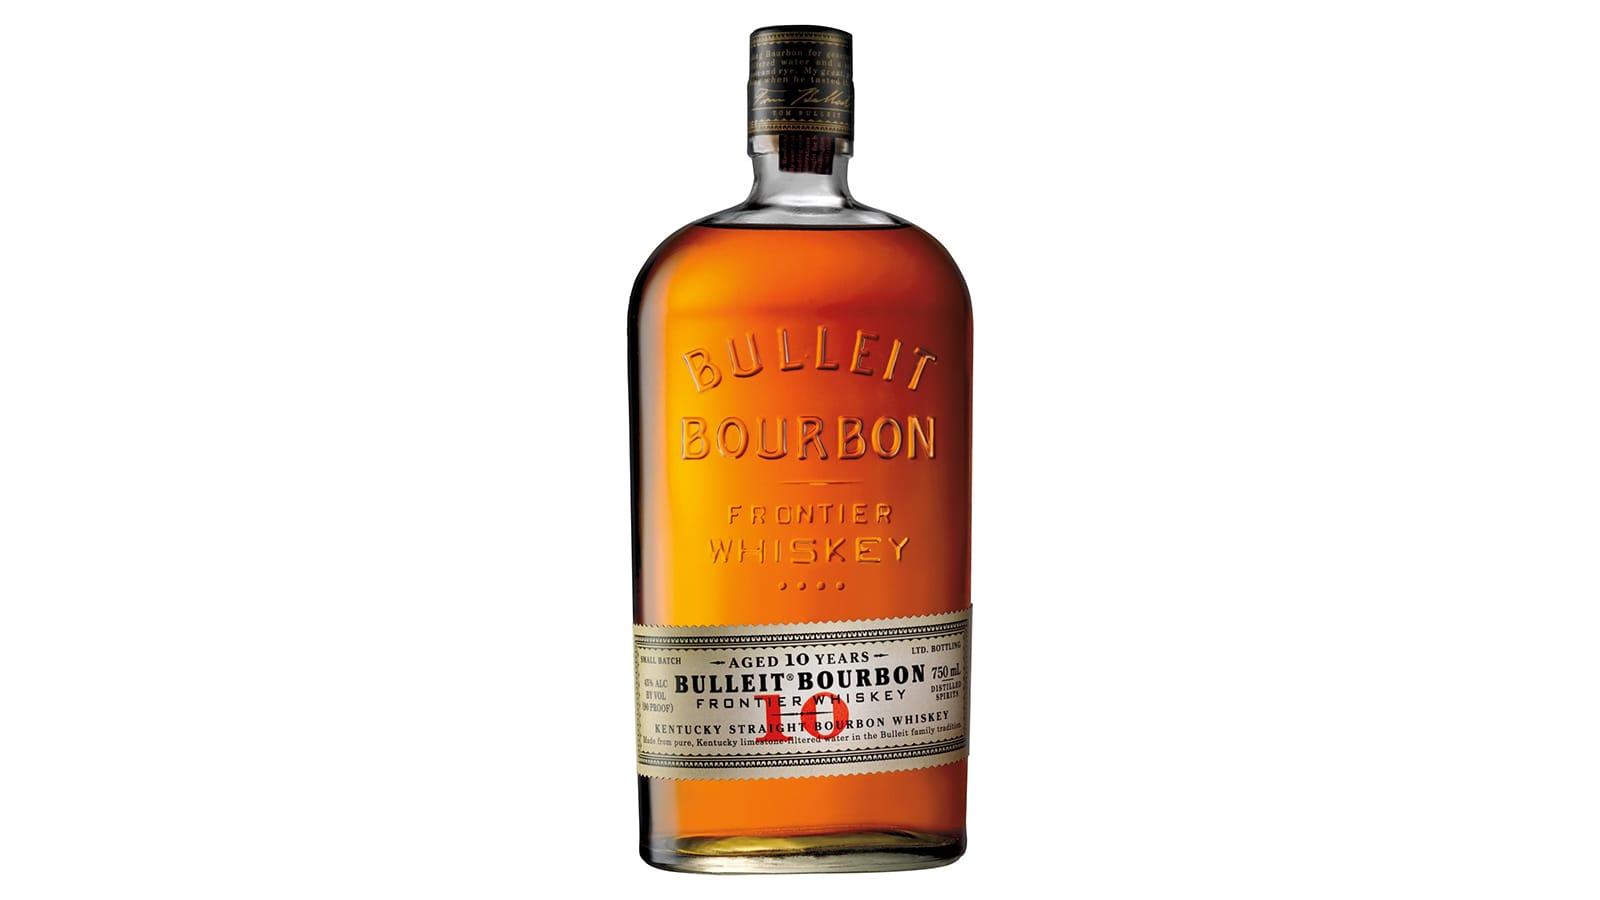 Bulleir Bourbon 10 years old